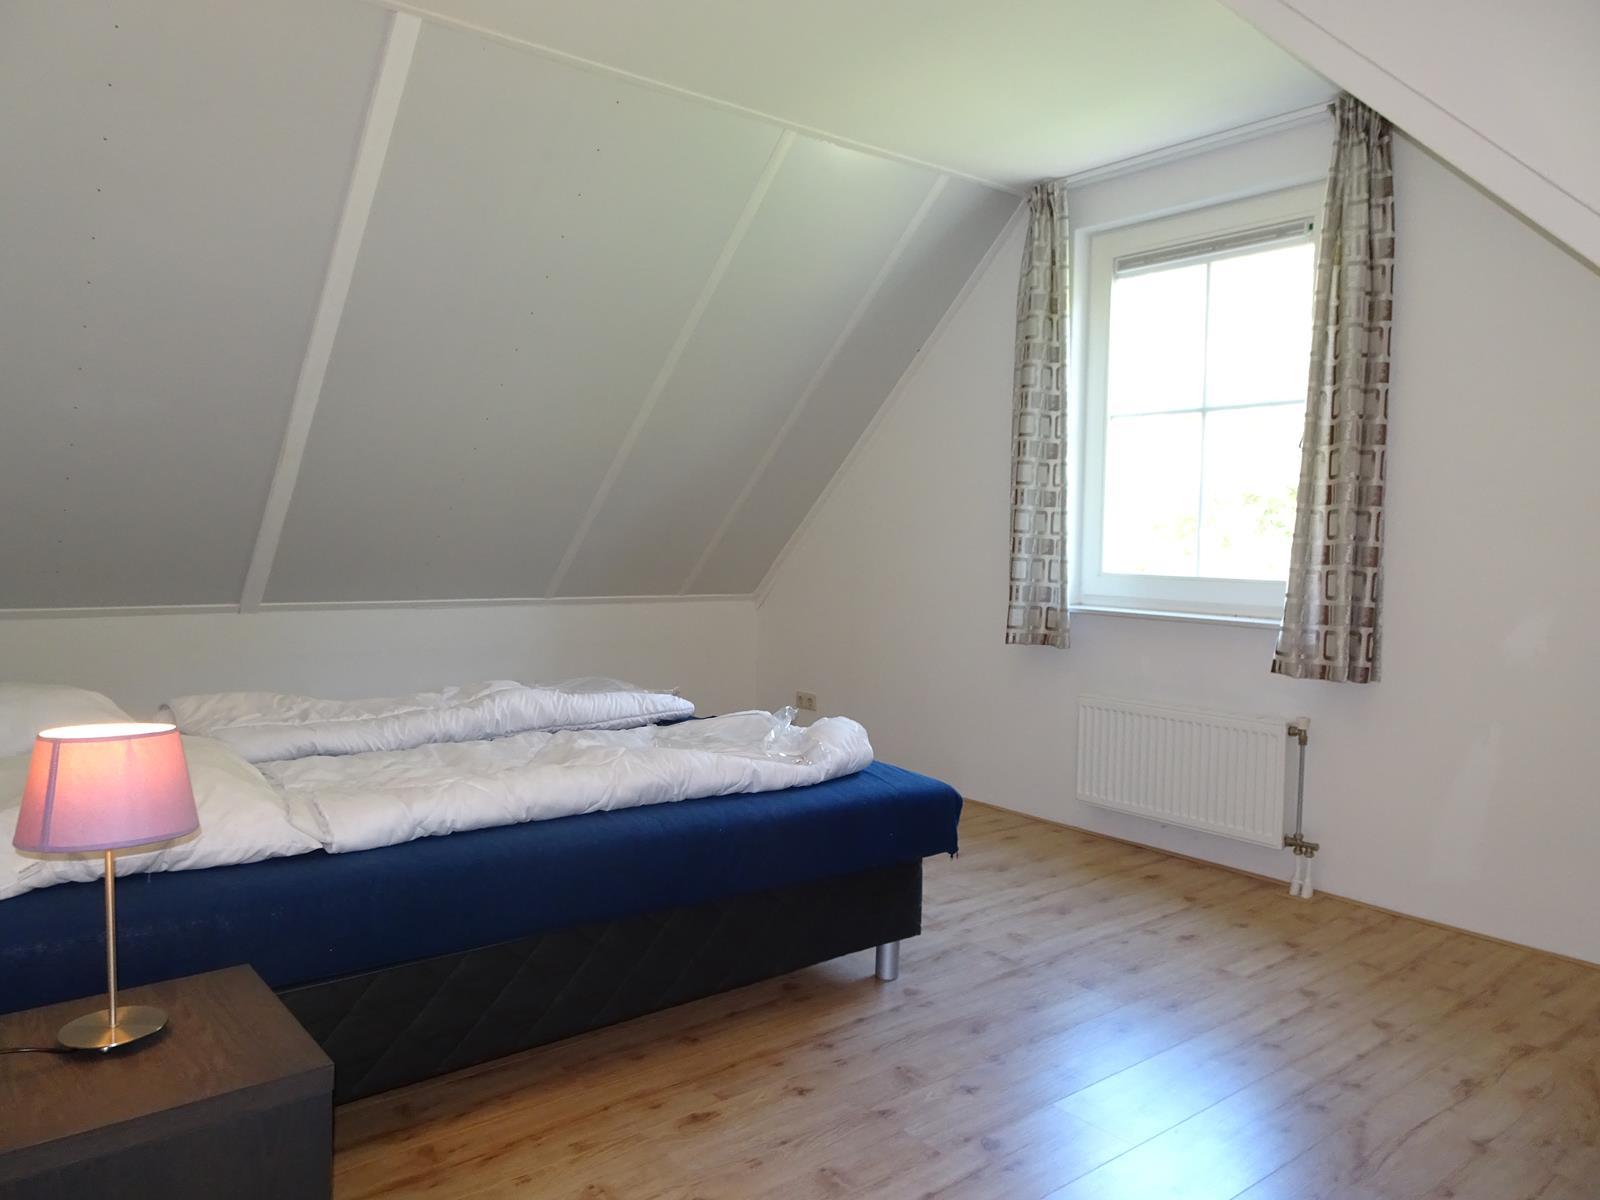 Vakantiehuis te koop Susteren K801 001.jpg